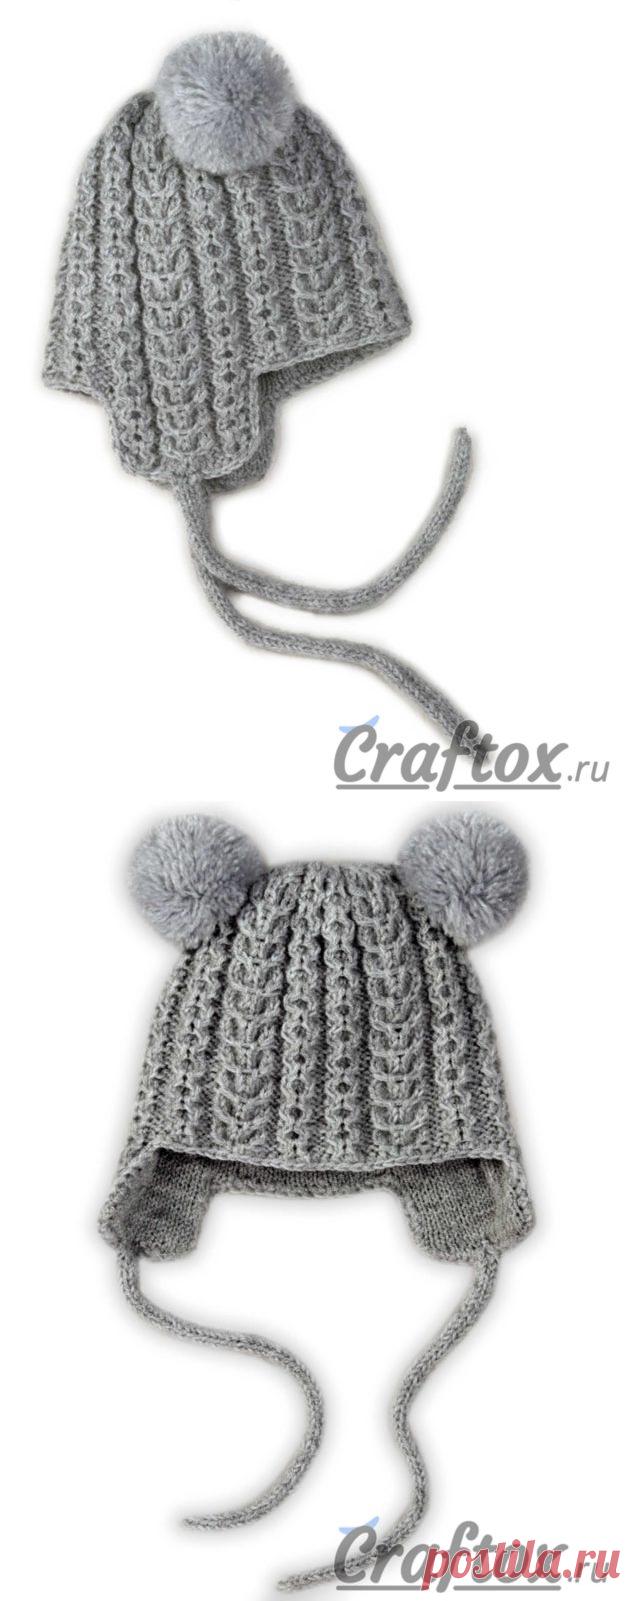 Зимняя детская шапка спицами схема фото 127